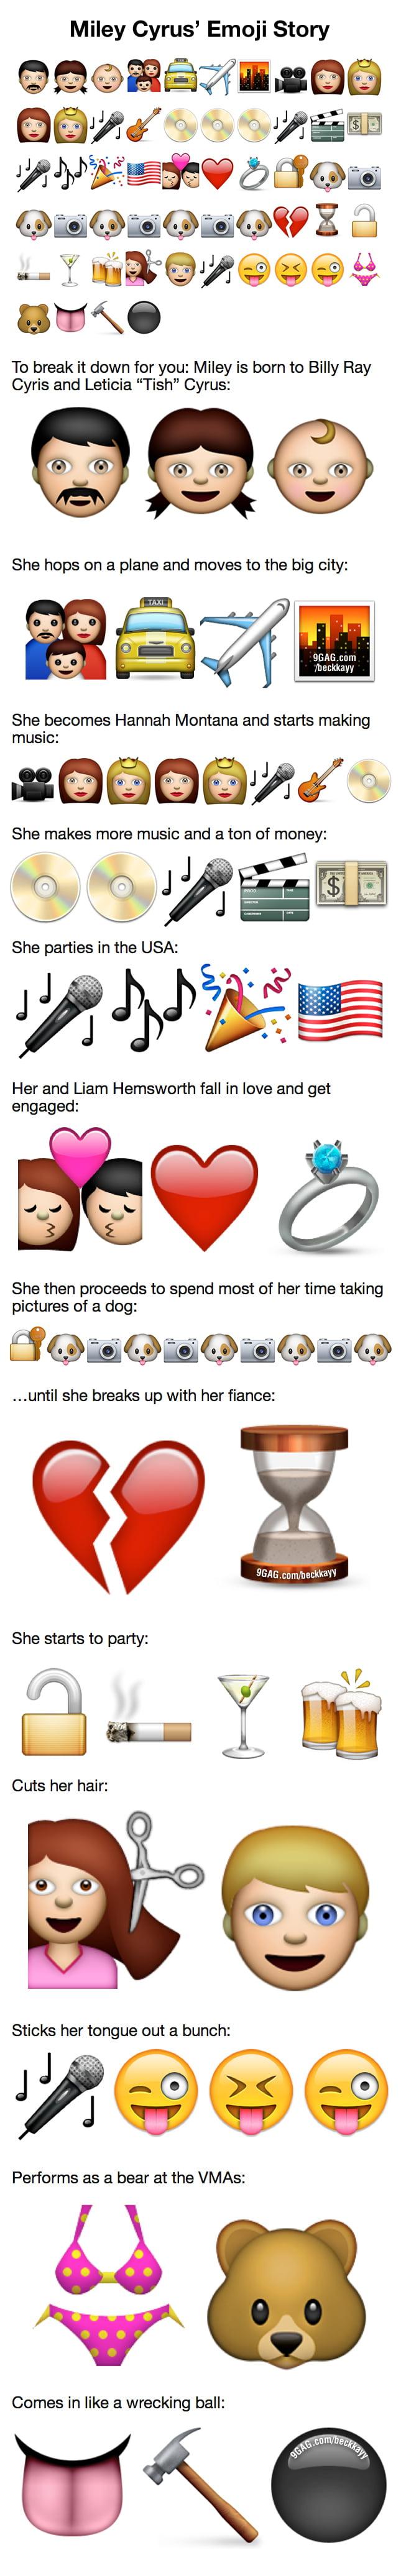 Miley Cyrus' Emoji Story